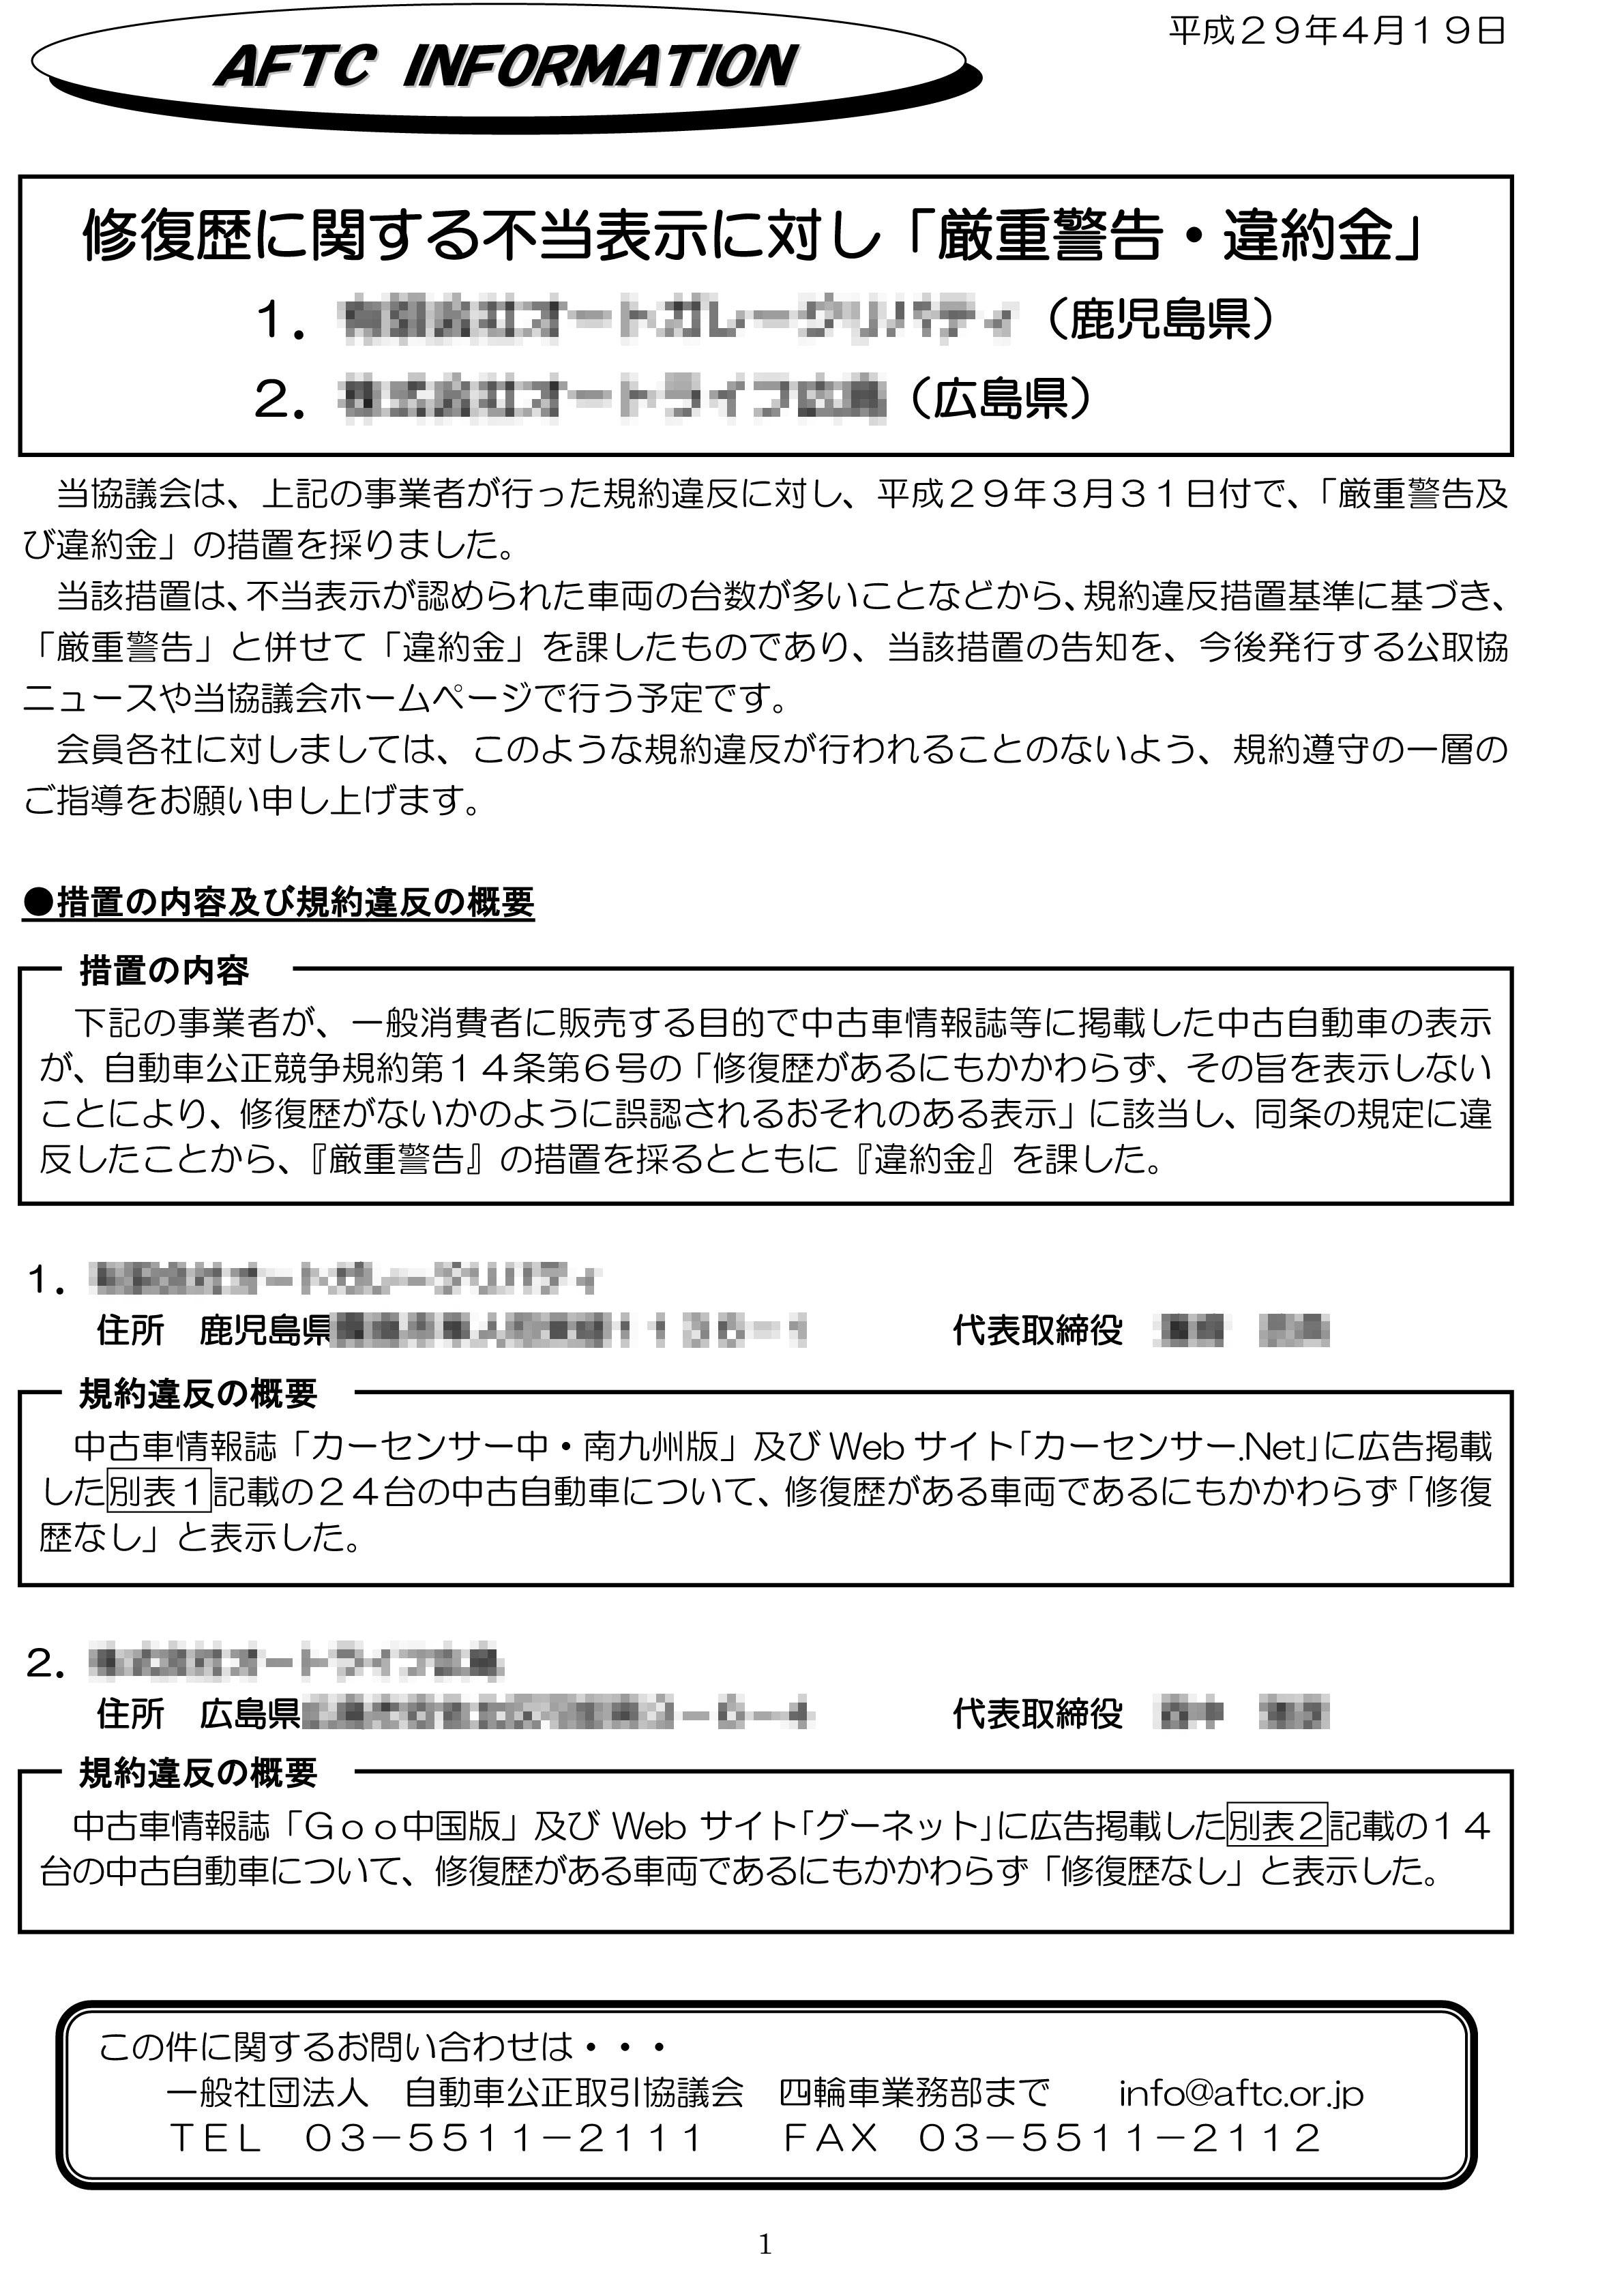 平成29年3月31日 修復歴 事